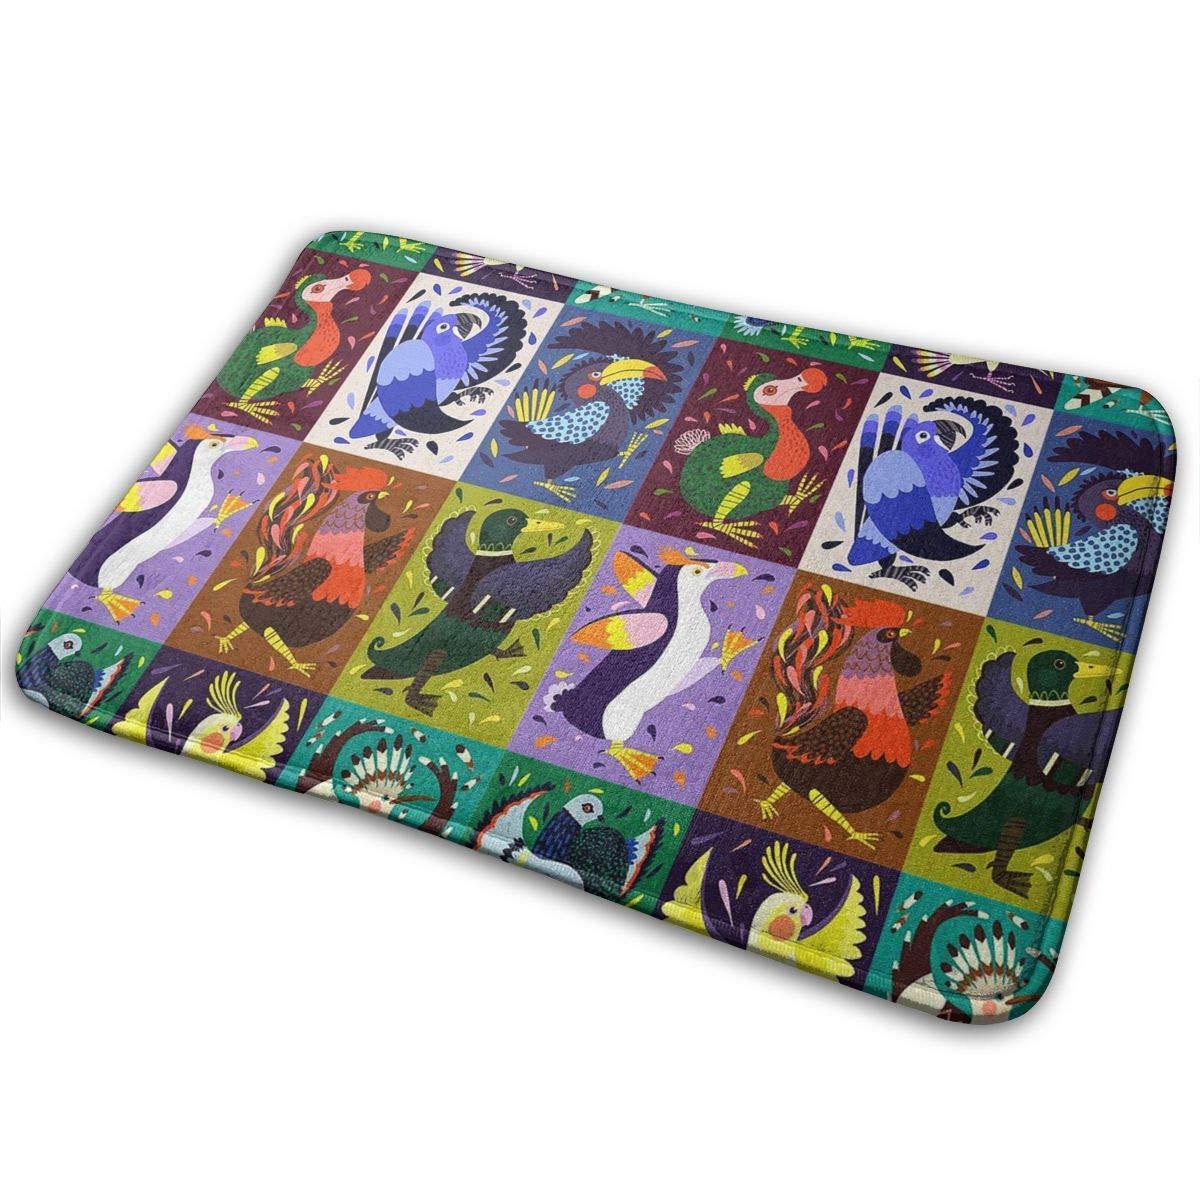 Uosliks Doormat Birds Retro Fashion Welcome Door Mats Dog Carpet Indoor Outdoor Shoe Sraper 19.7x31.5 inch